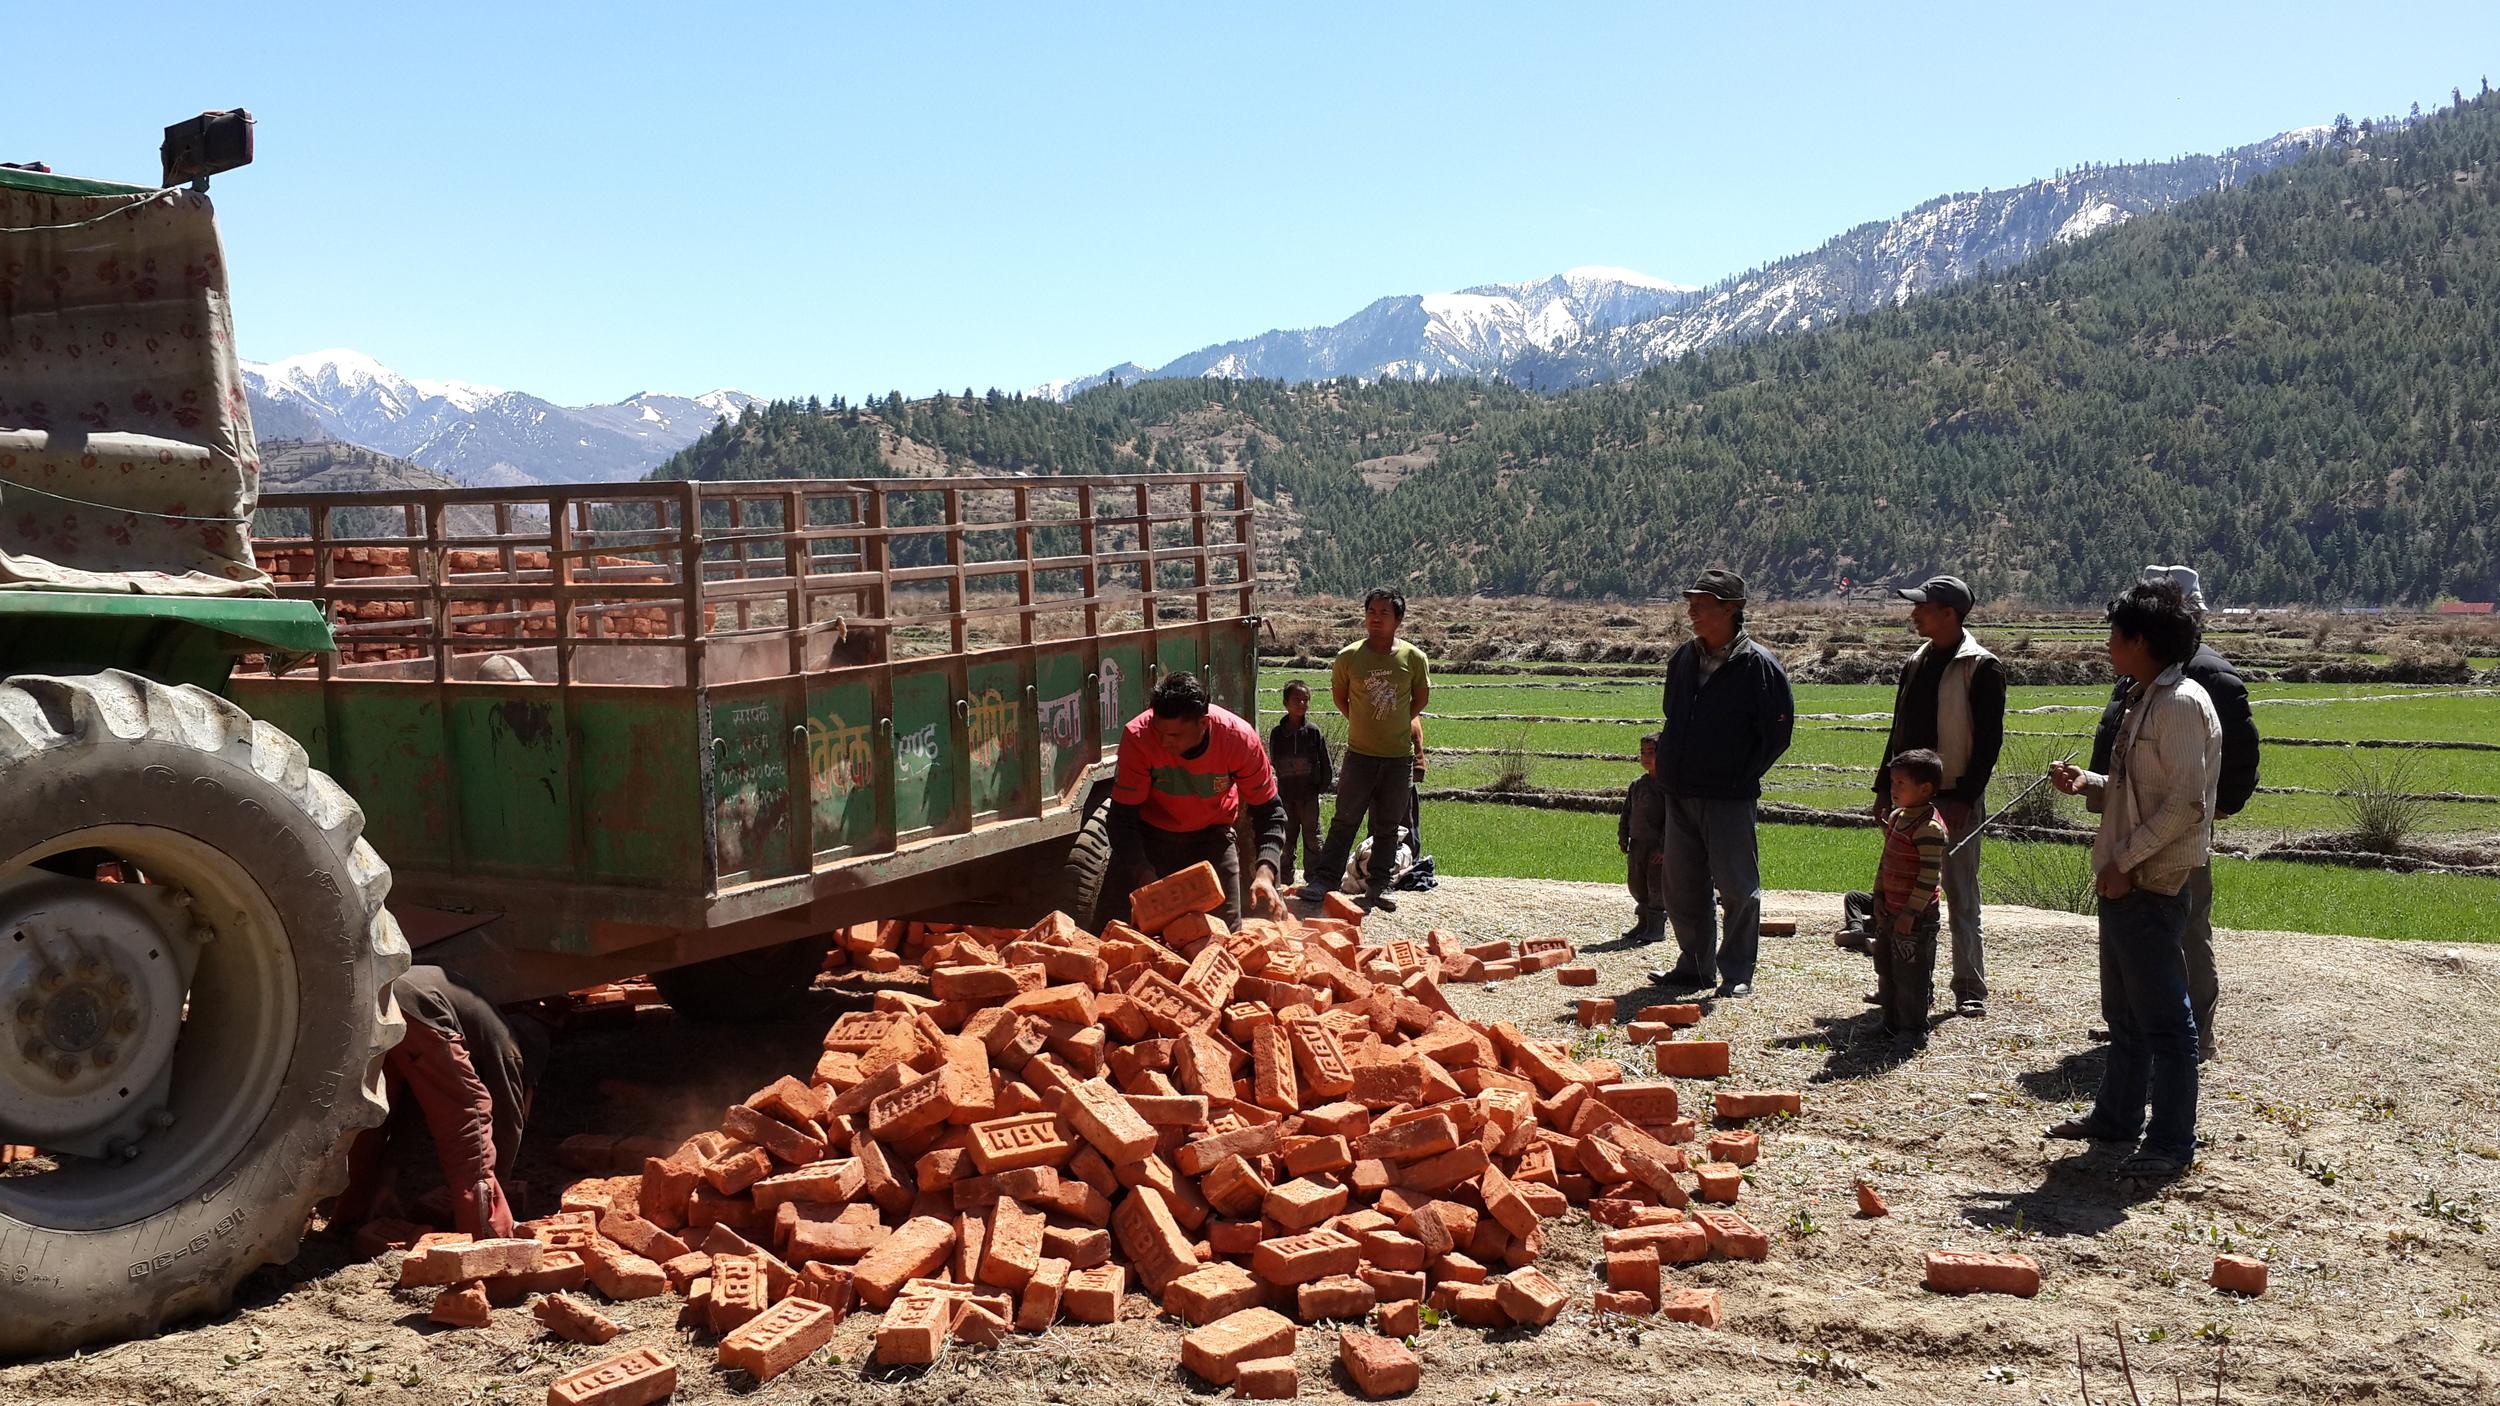 Delivering bricks